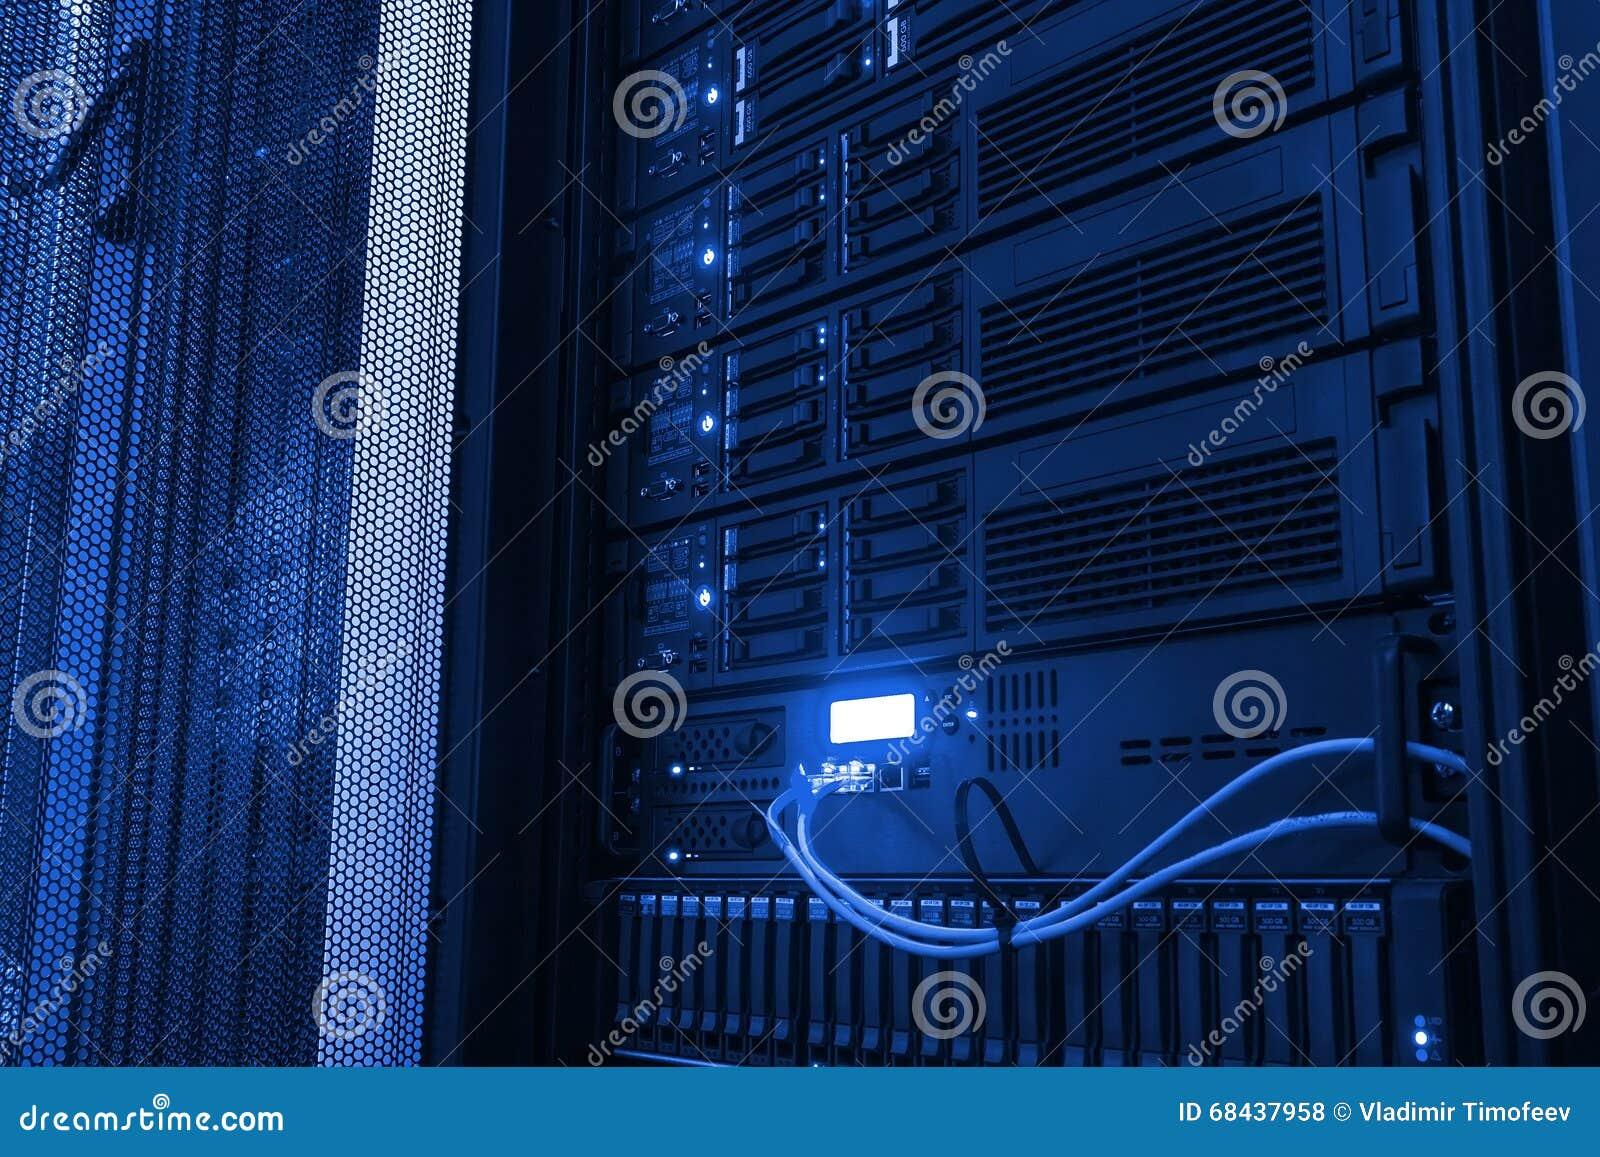 Almacenamiento en discos de la unidad central moderna del punto de vista en el centro de datos